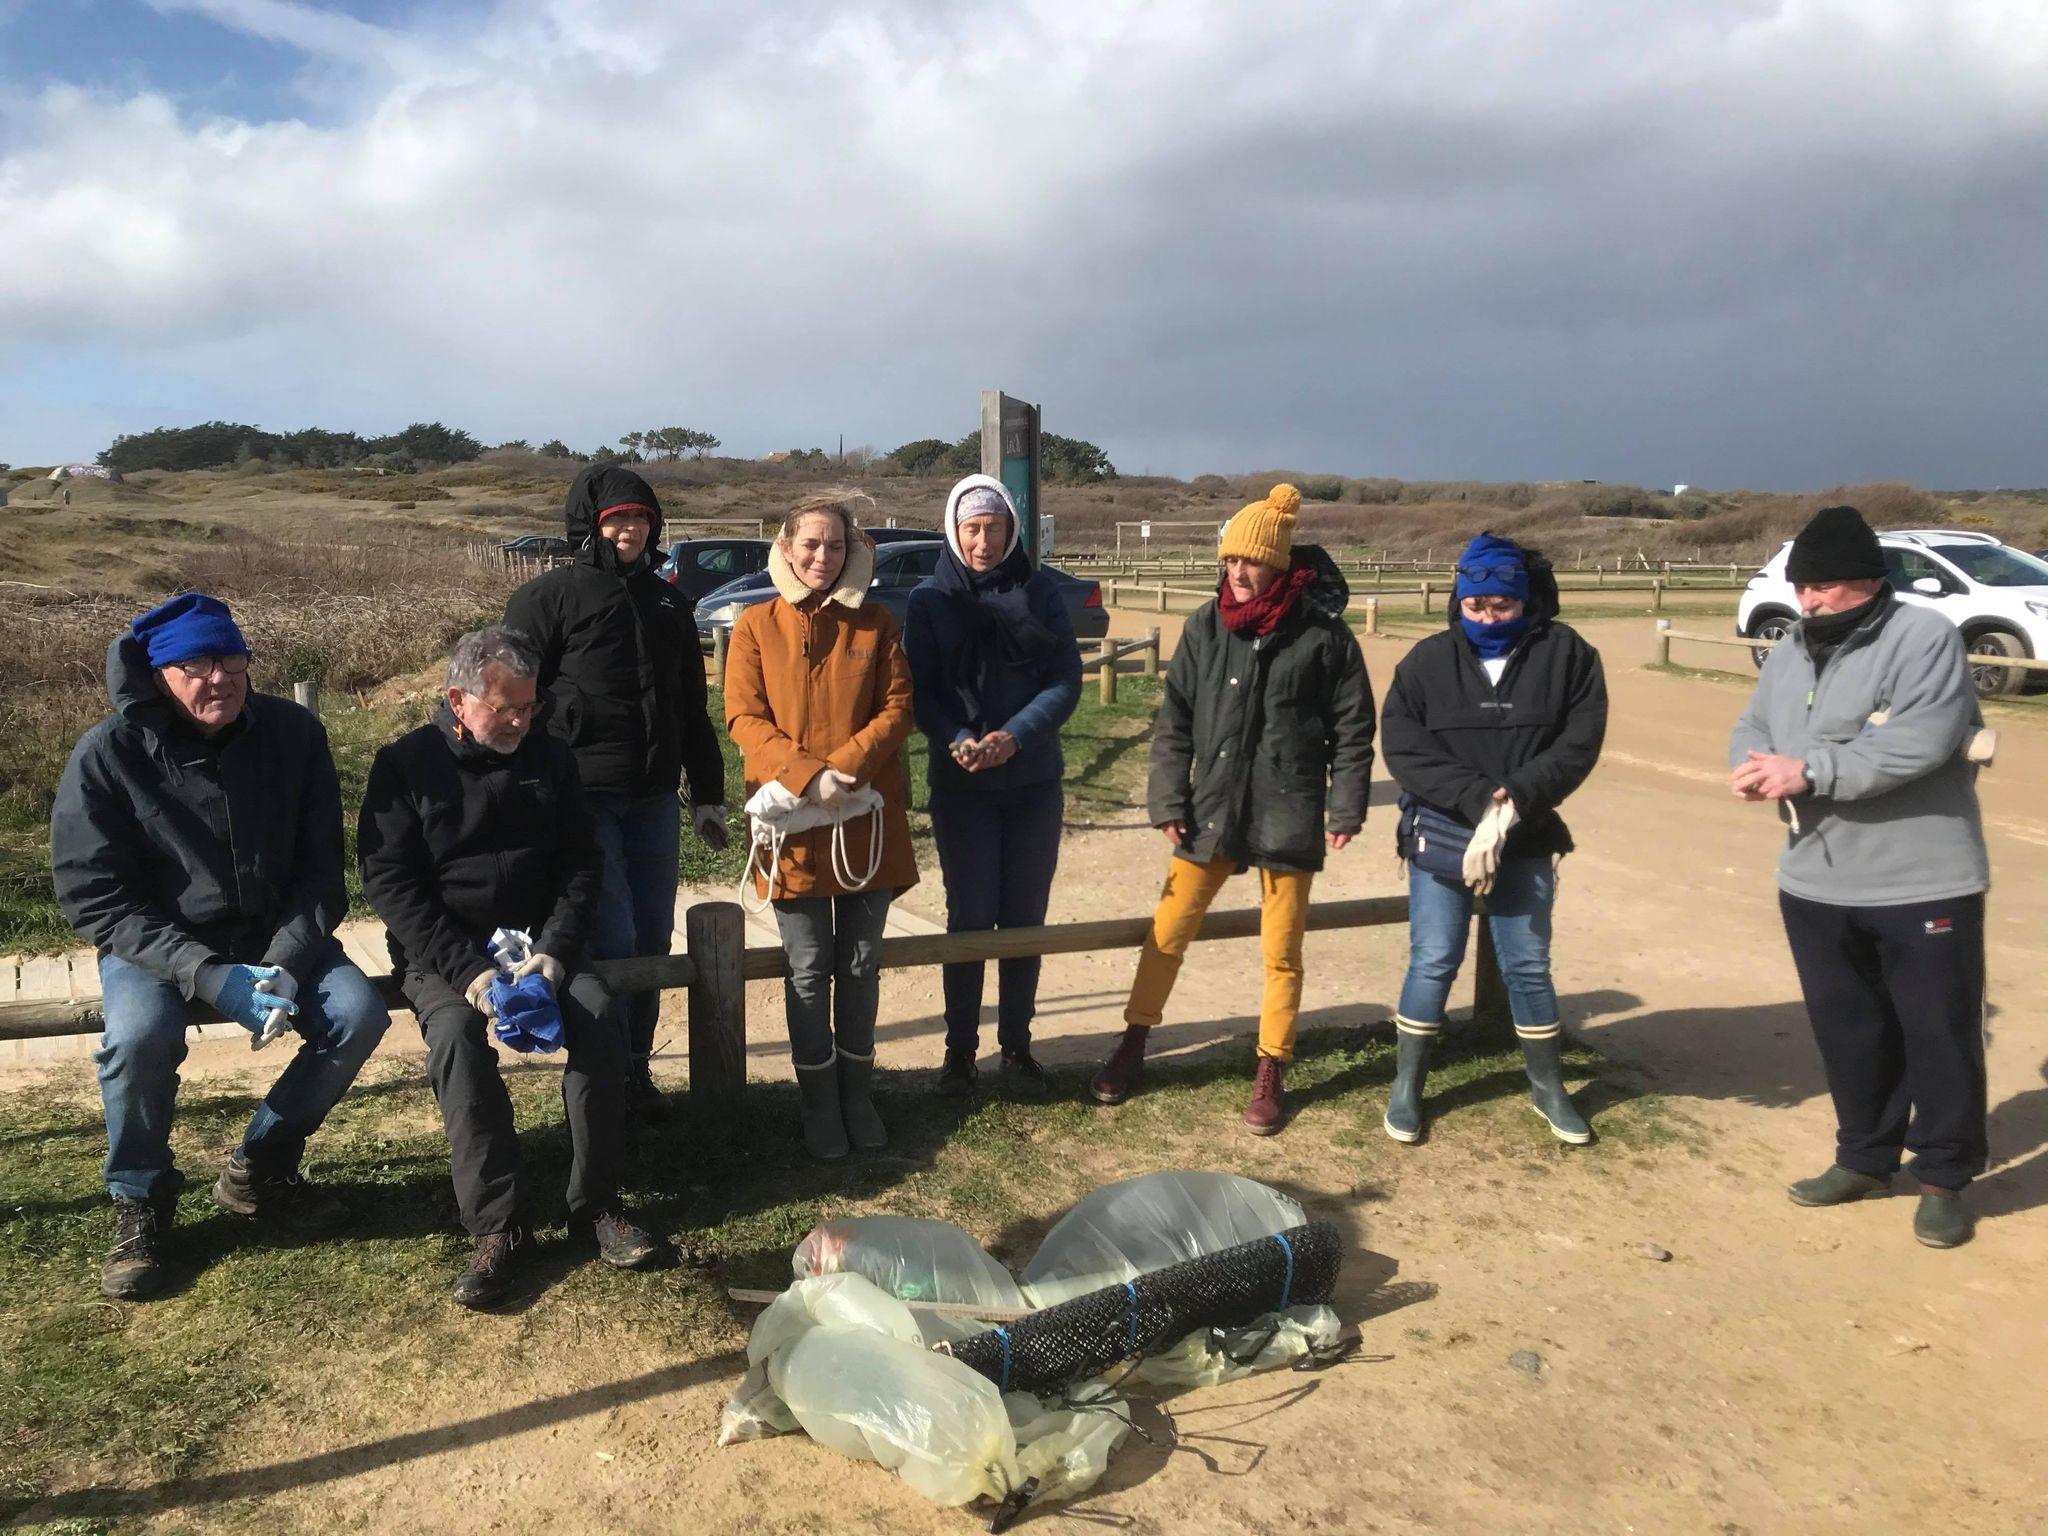 Ateliers participatifs : Nous avons contribués à Fish&click